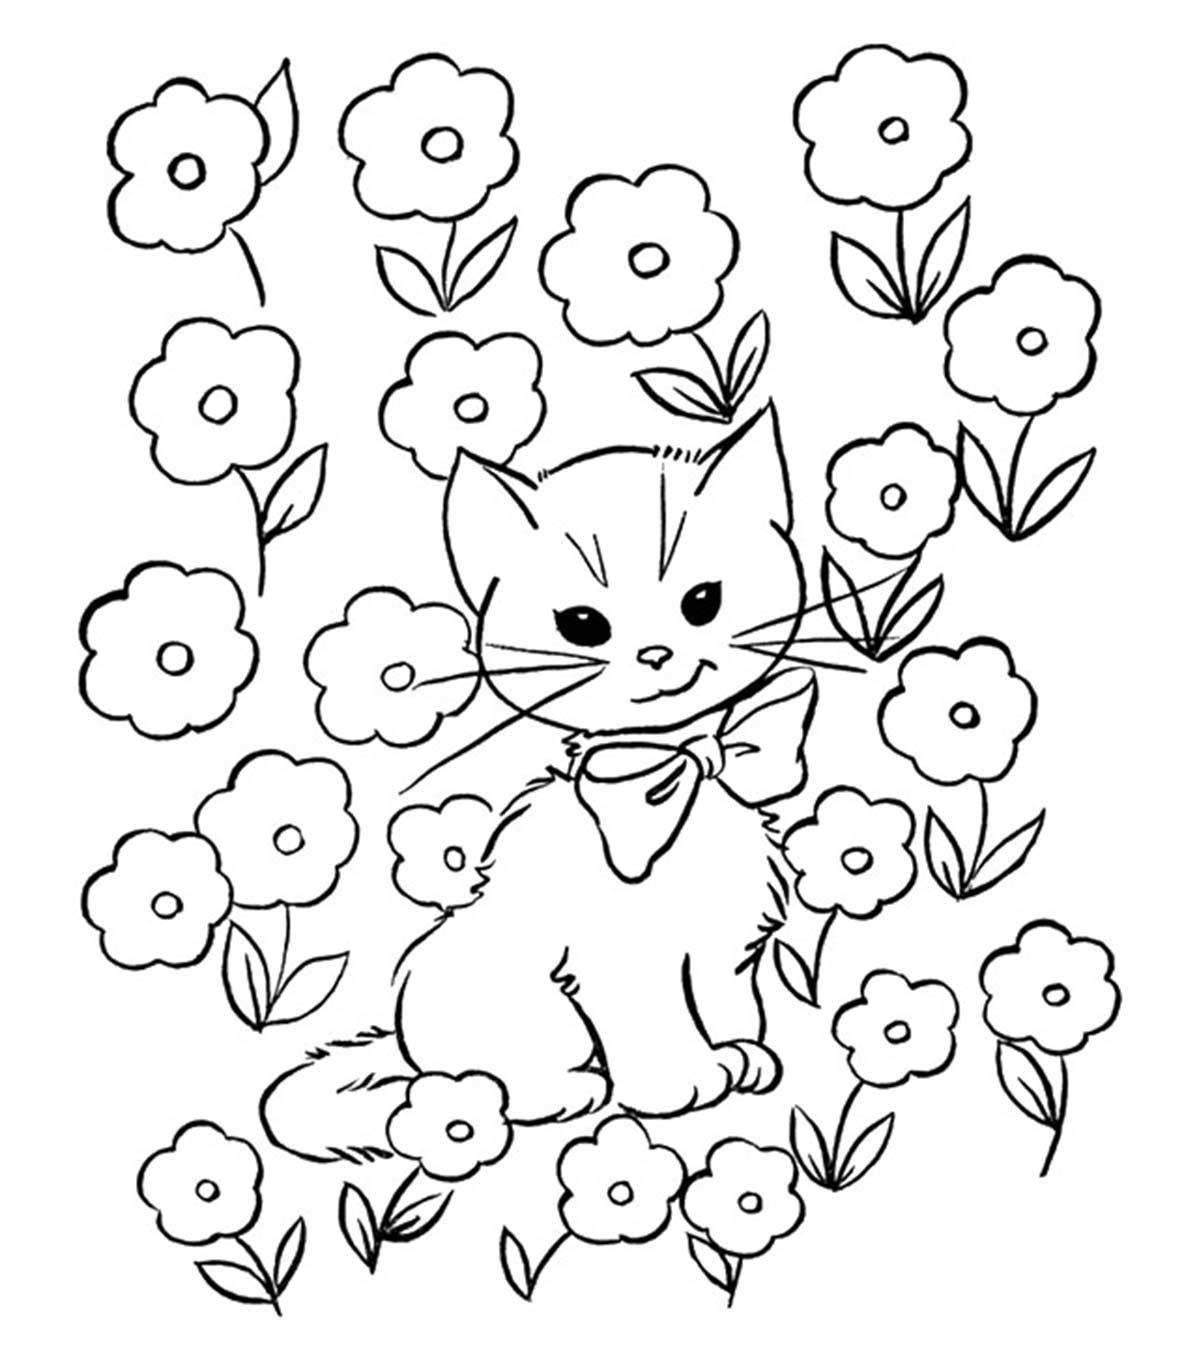 Kolorowanka Kot W Li Ciach Kwiatow Do Druku